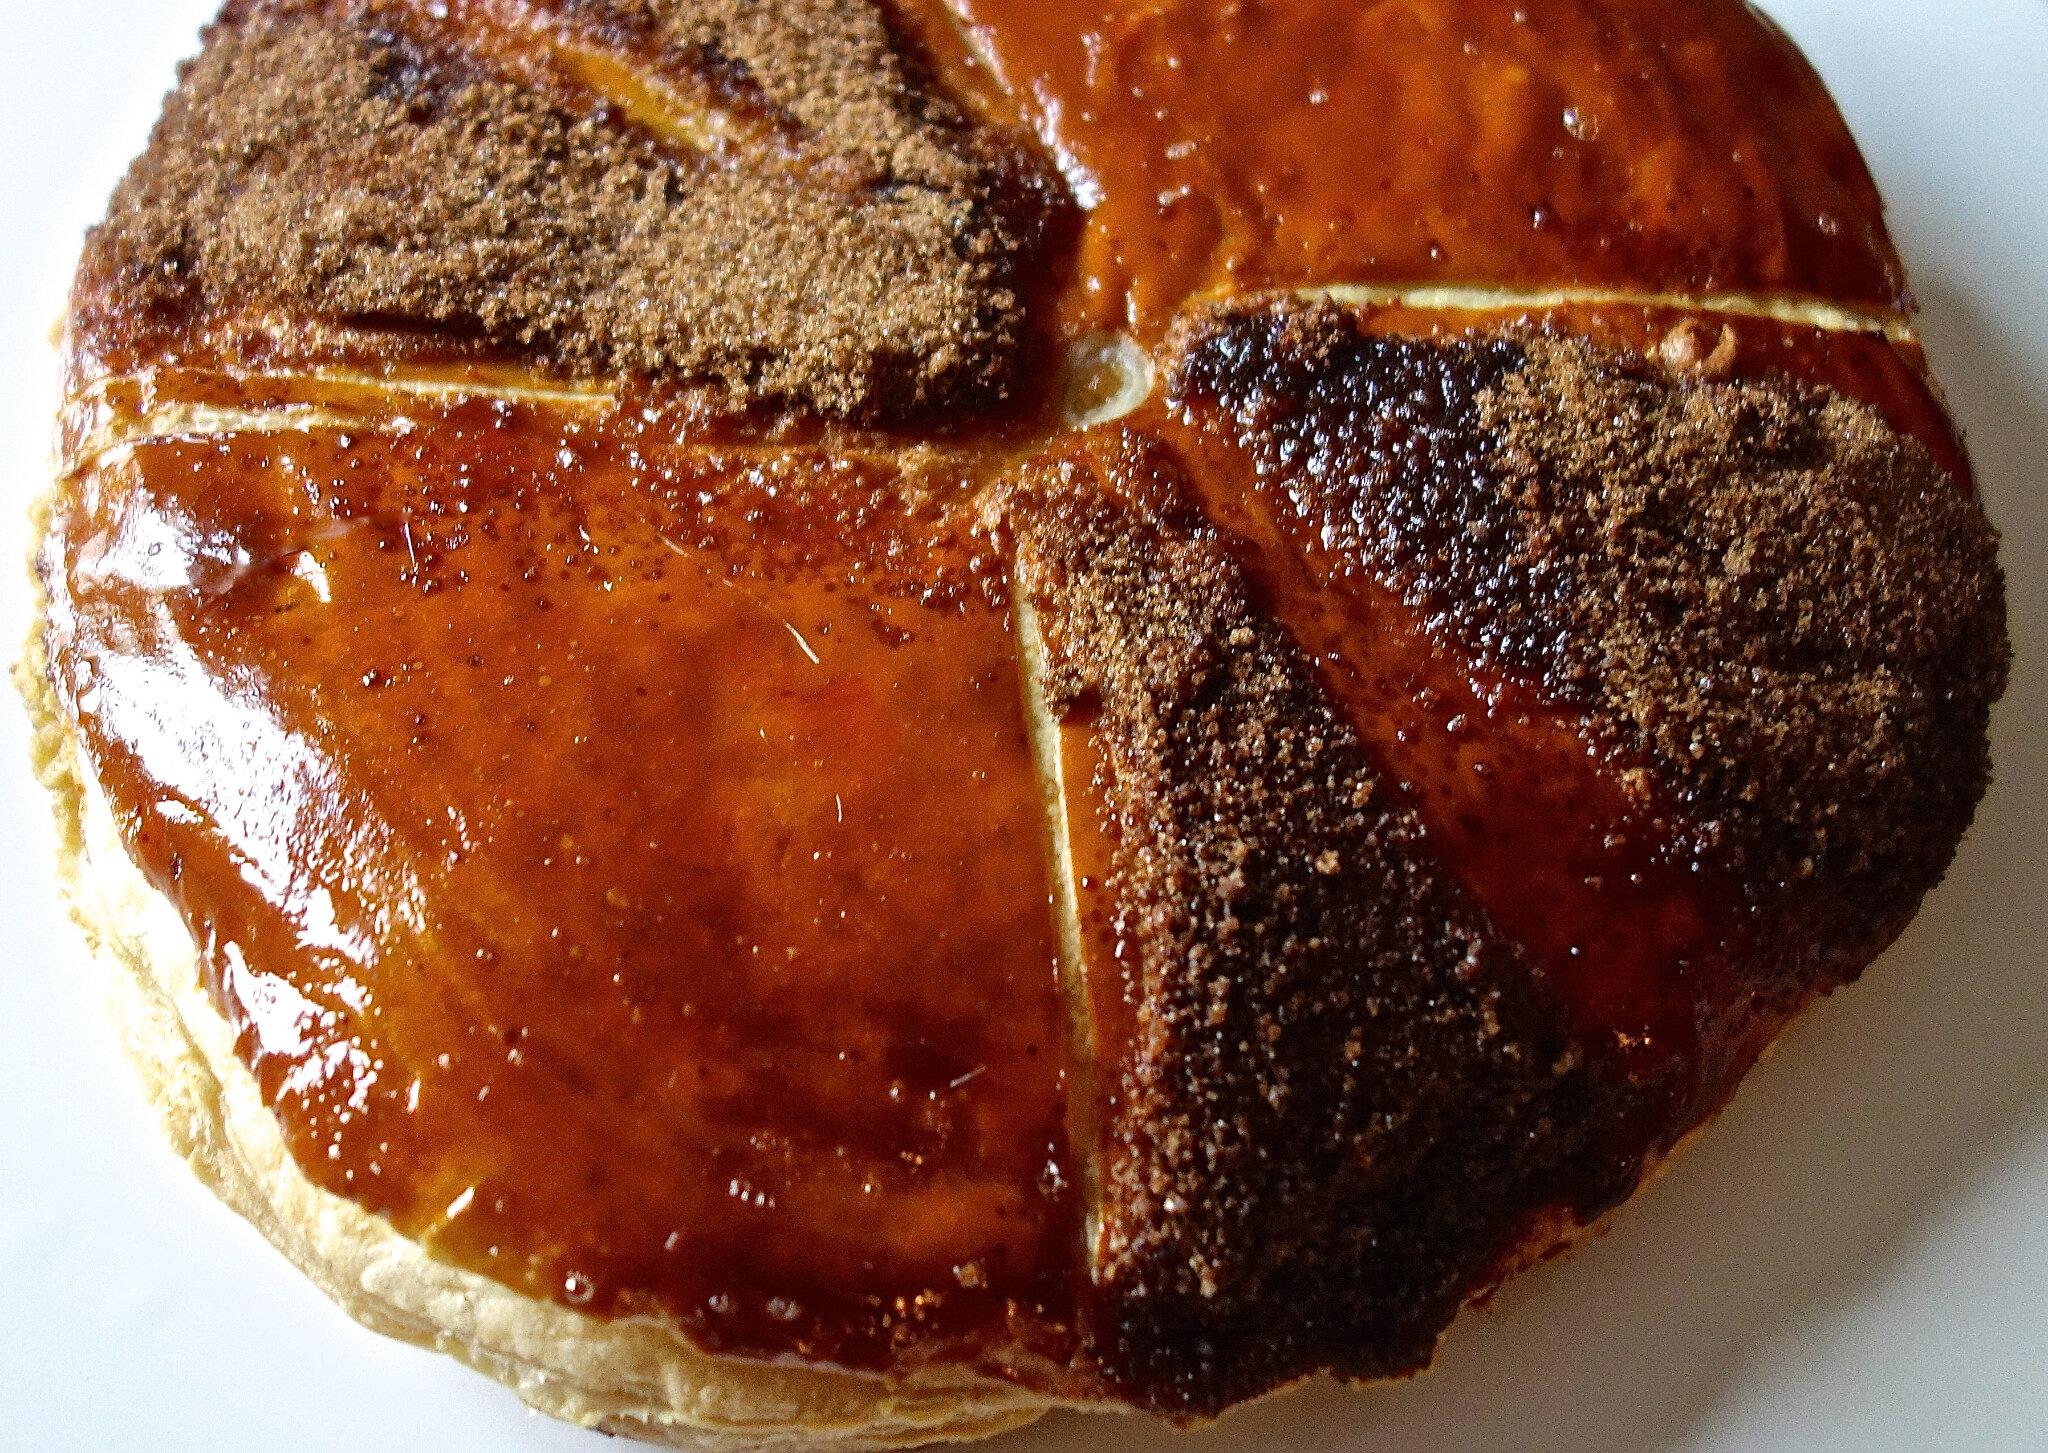 galette 2019 aux marrons et griottes